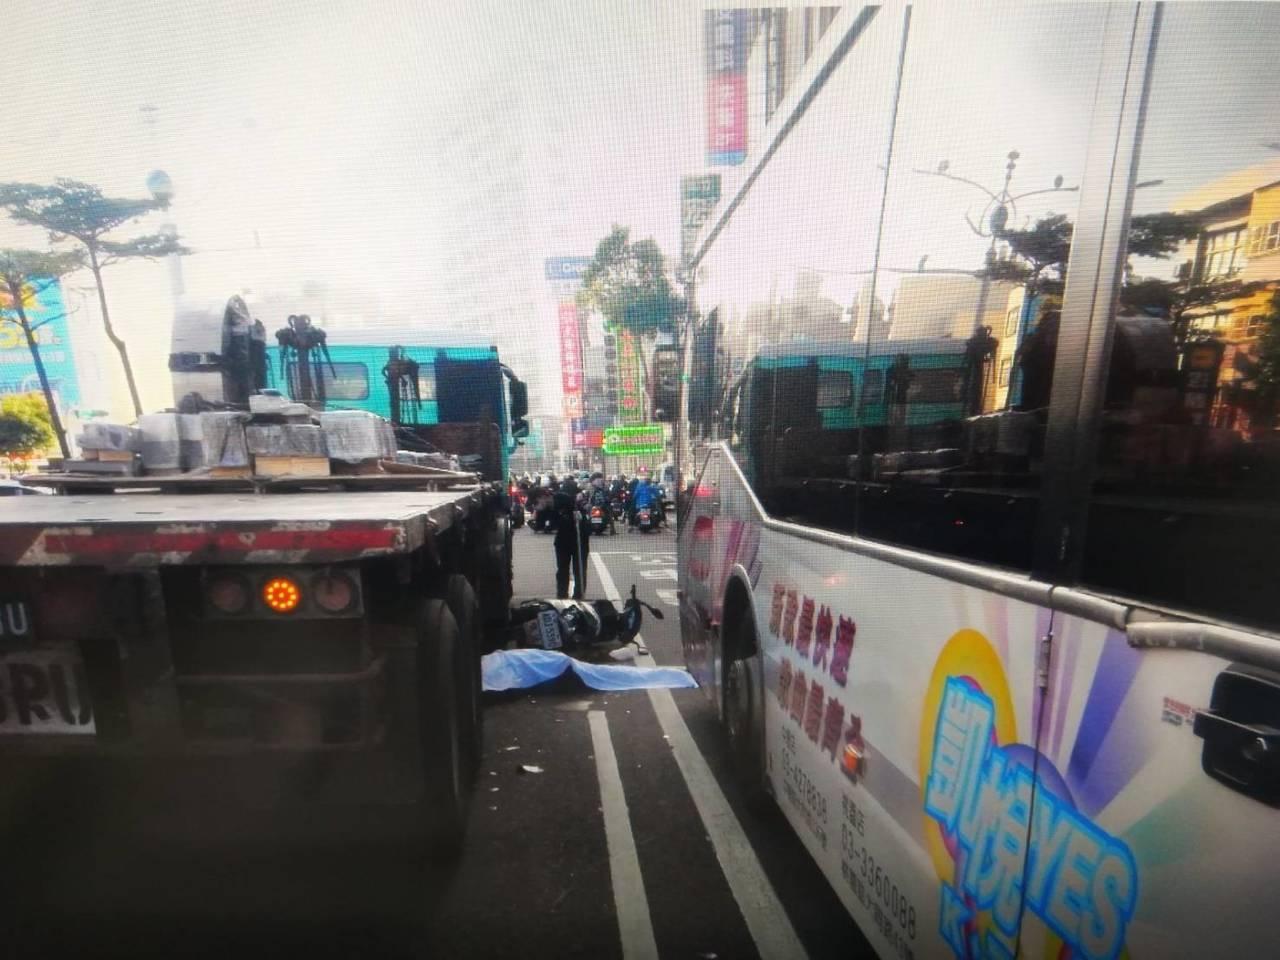 桃園市黃姓婦人騎士今天騎機車出門買菜時,想穿越貨車和公車中間時,被壓扁慘死。圖/...